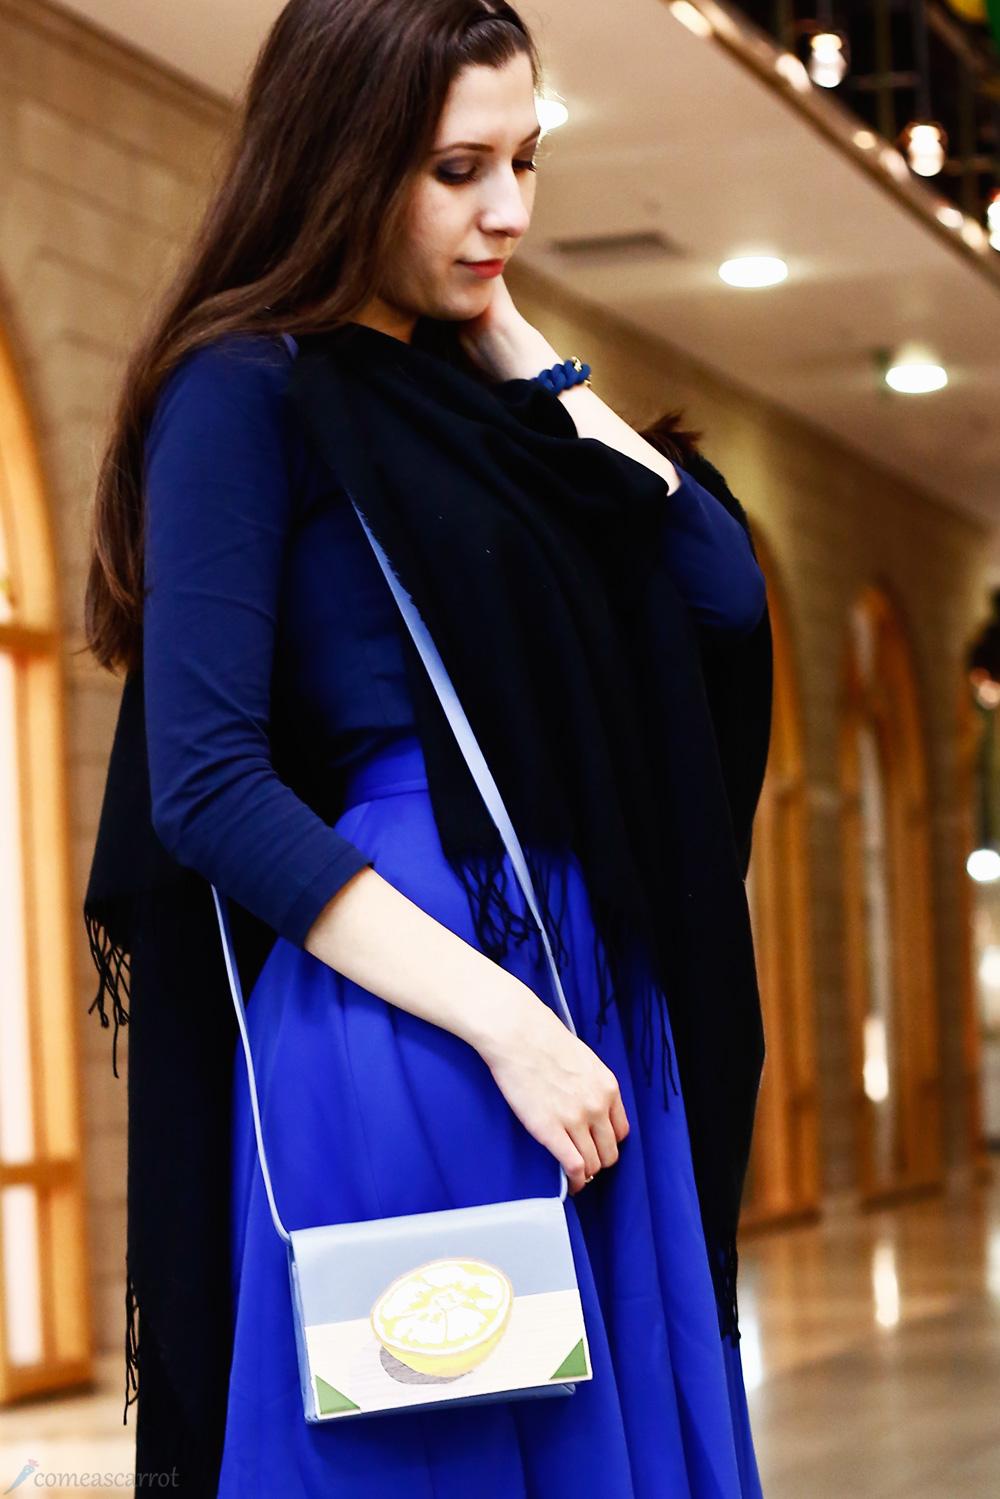 outfit_comeascarrot_blue_midi_benedetta_bruzziches_lemon_05-2